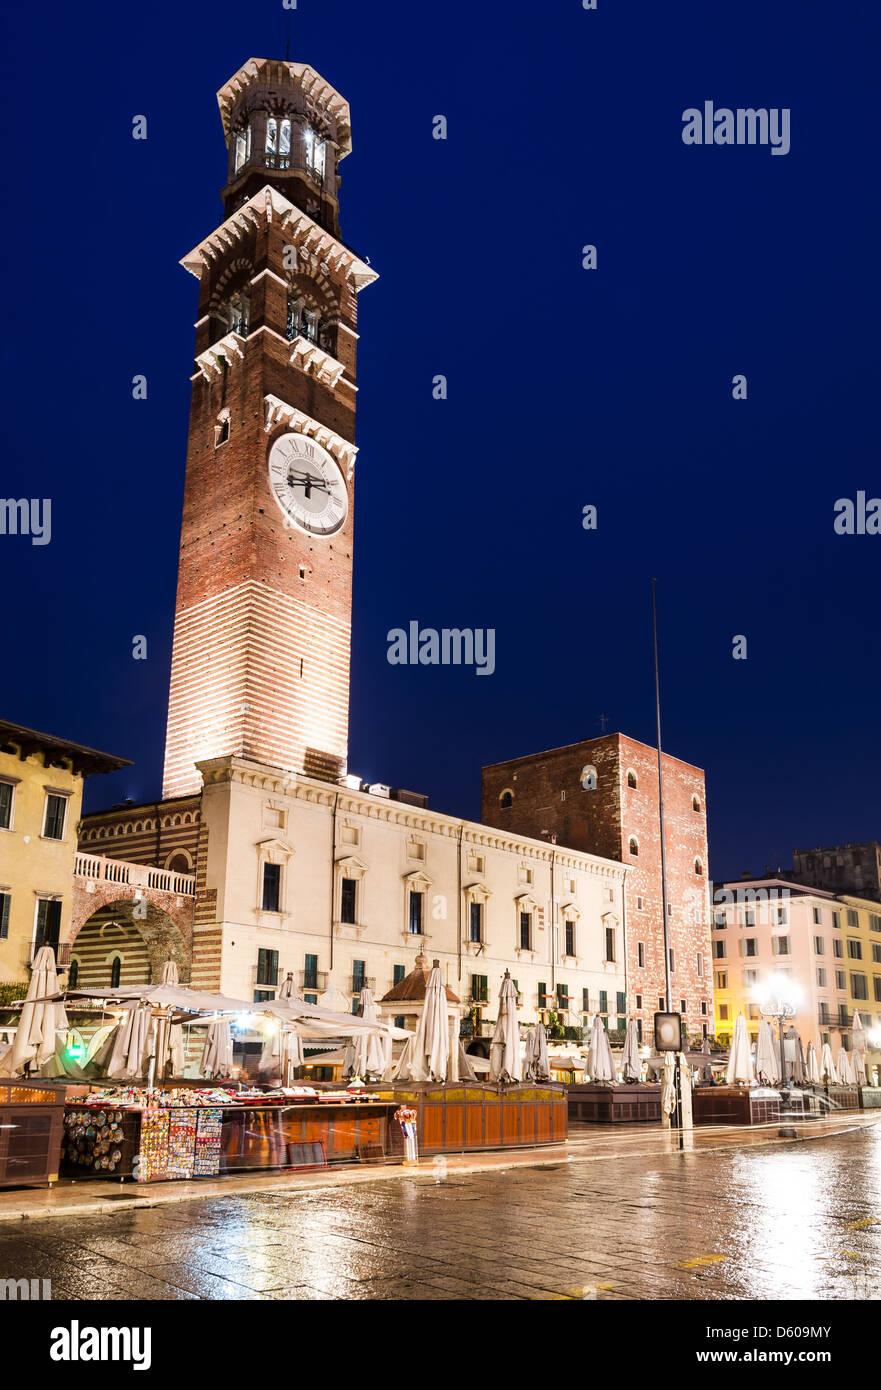 Piazza Erbe und Torre dei Lamberti im mittelalterlichen Stadtkern von Verona, Italien Wahrzeichen. Stockbild